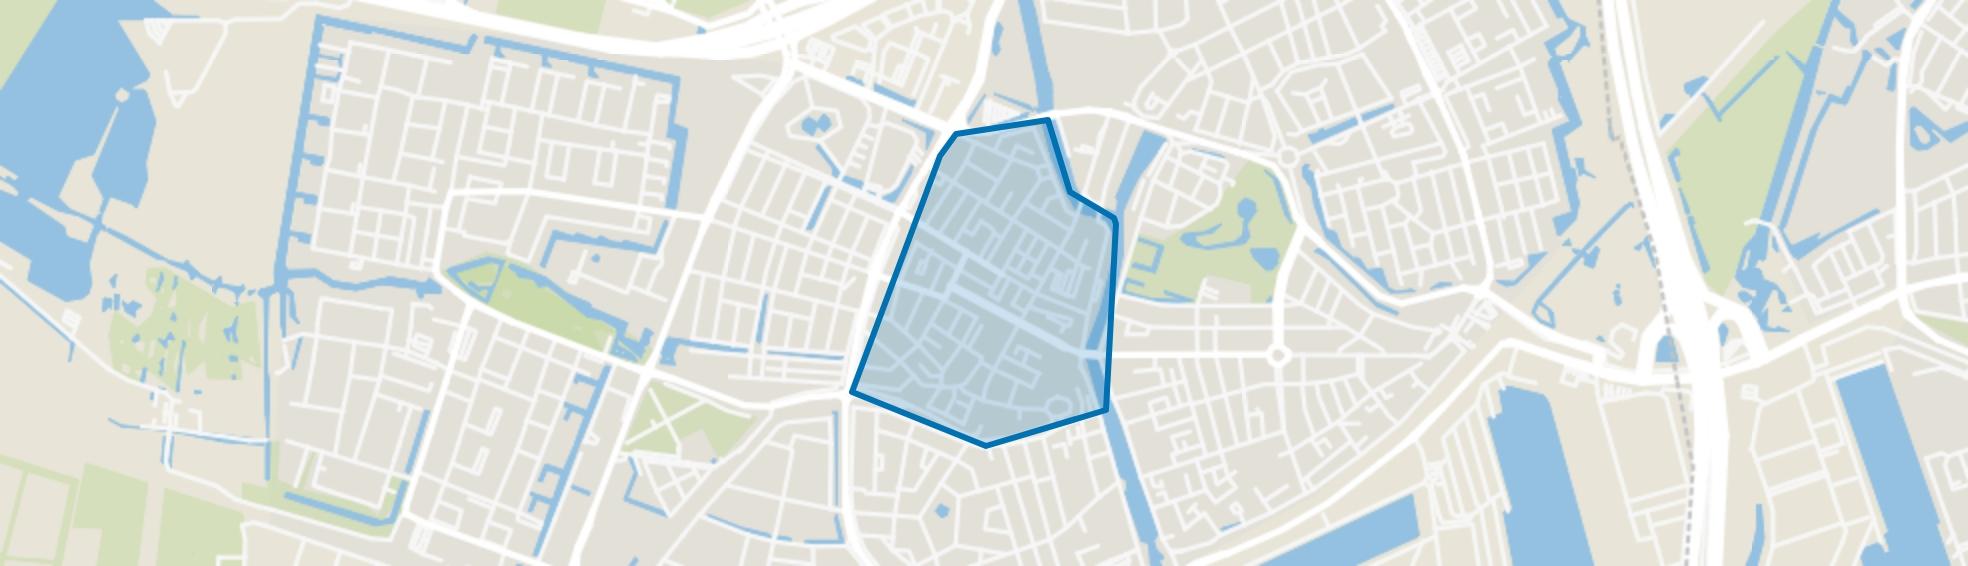 Centrum, Vlaardingen map